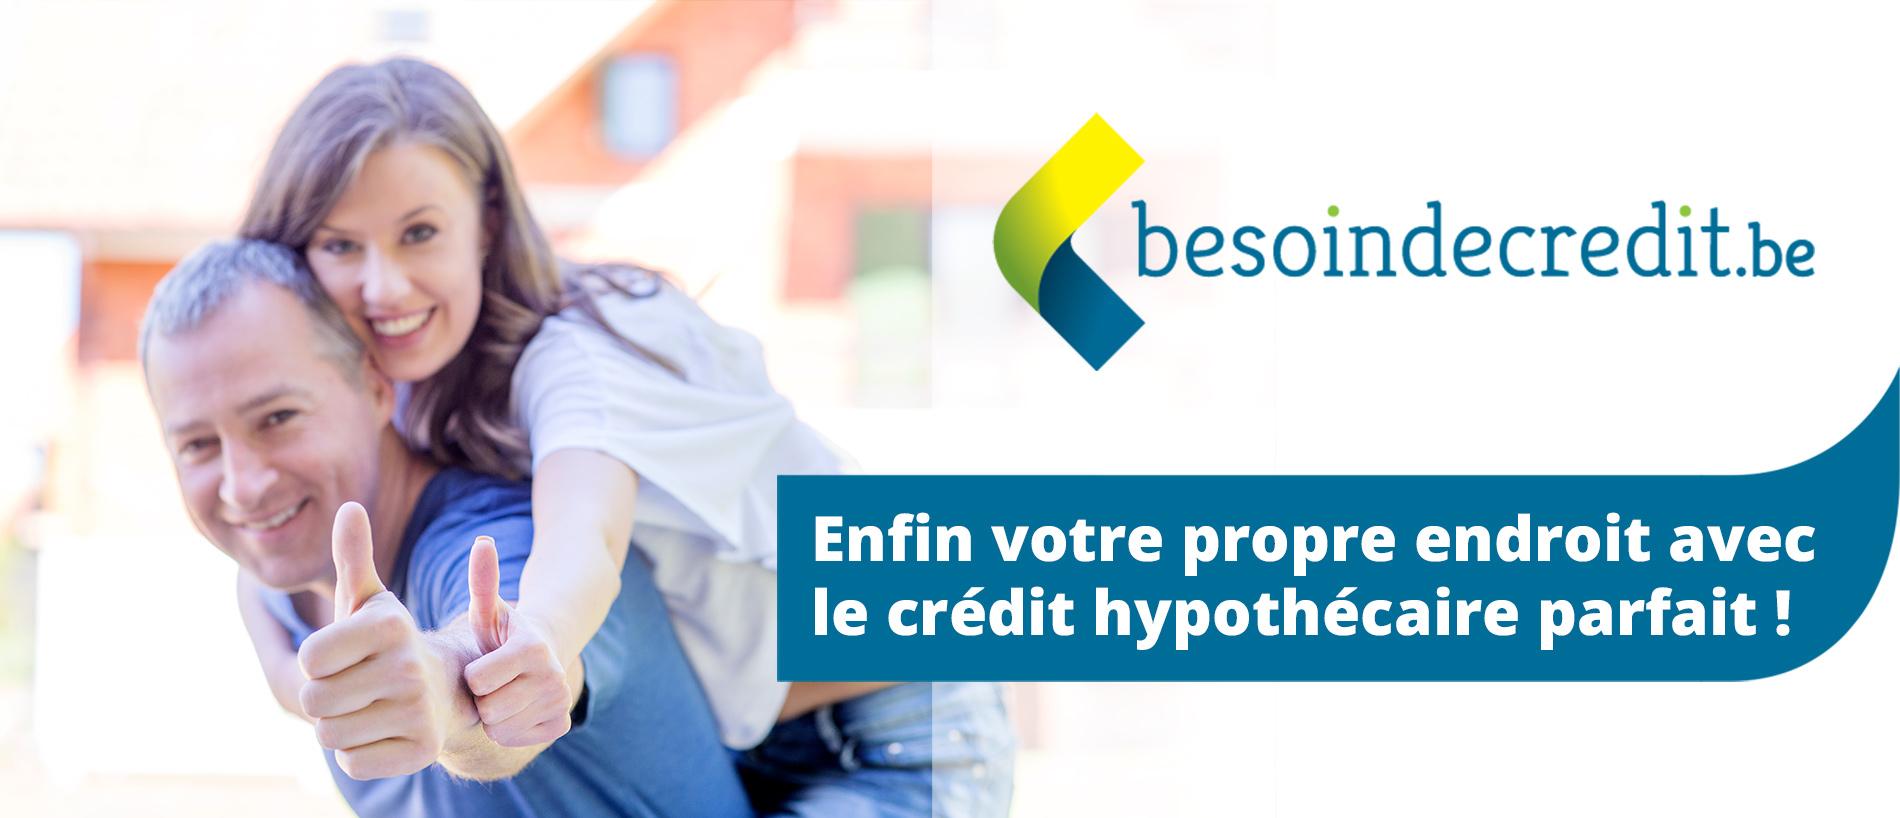 Enfin votre propre endroit avec le crédit hypothécaire parfait !